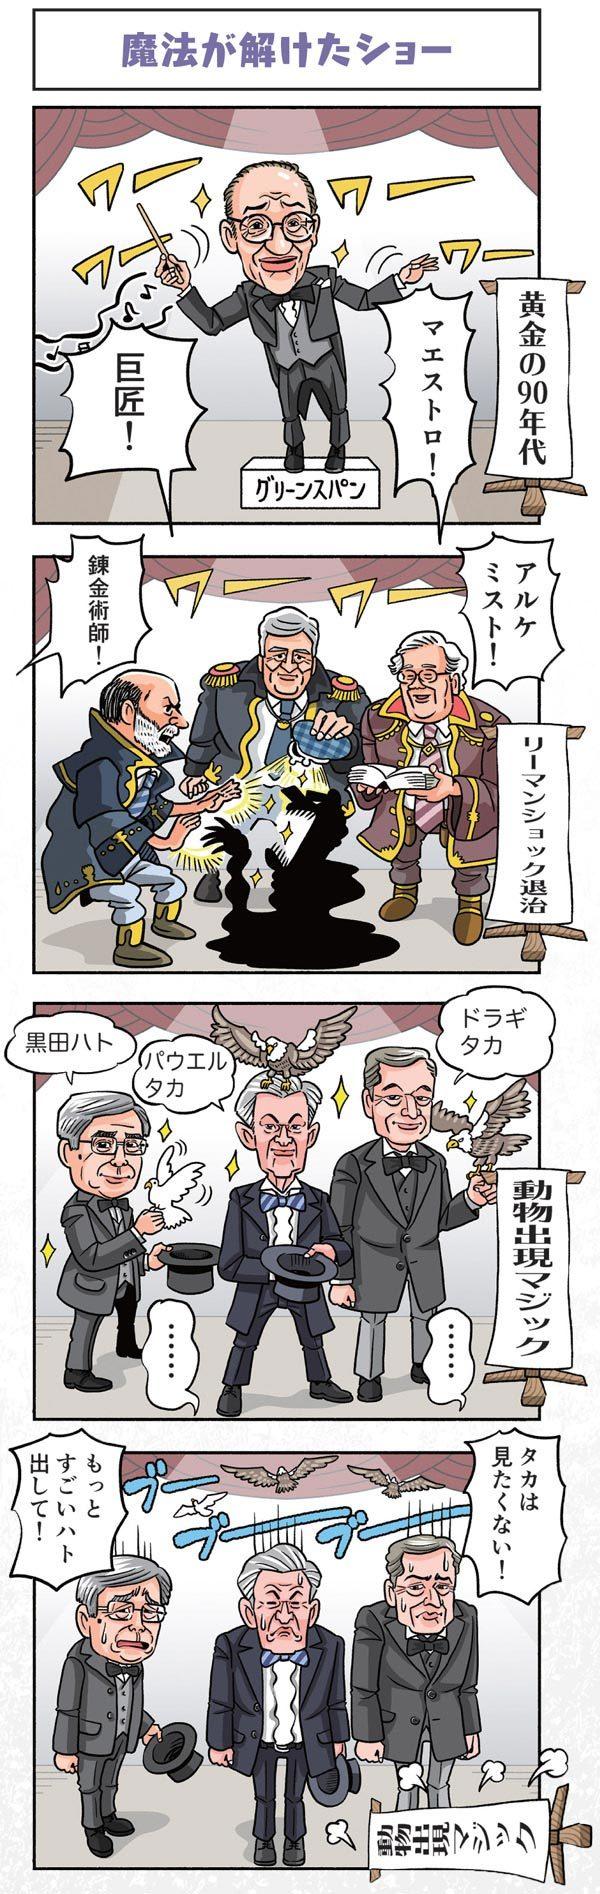 中央銀行の魔法が解けた四コマ漫画